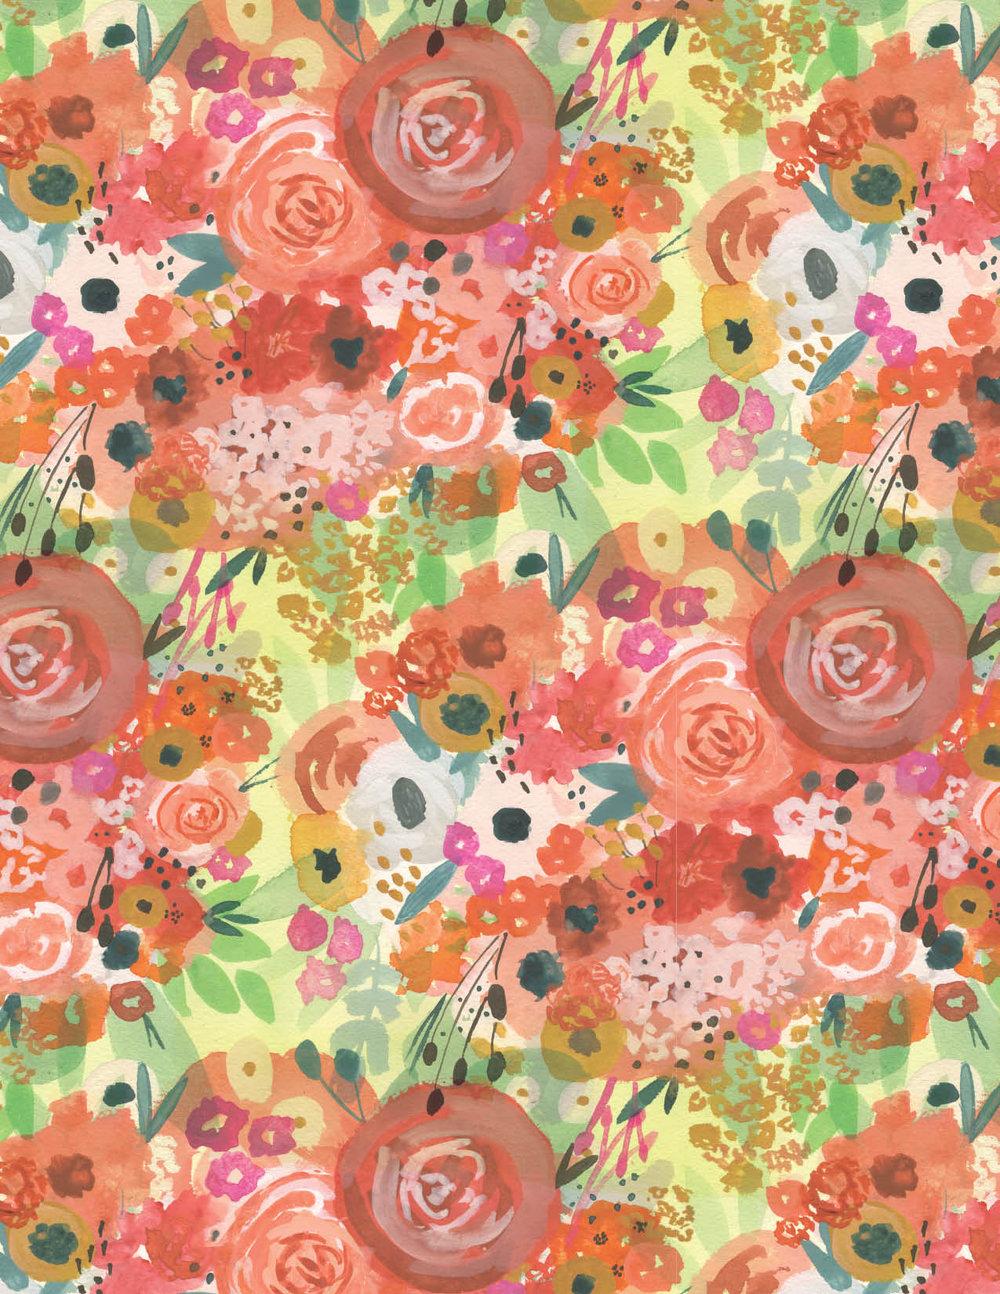 jessbruggink_pattern_442.jpg